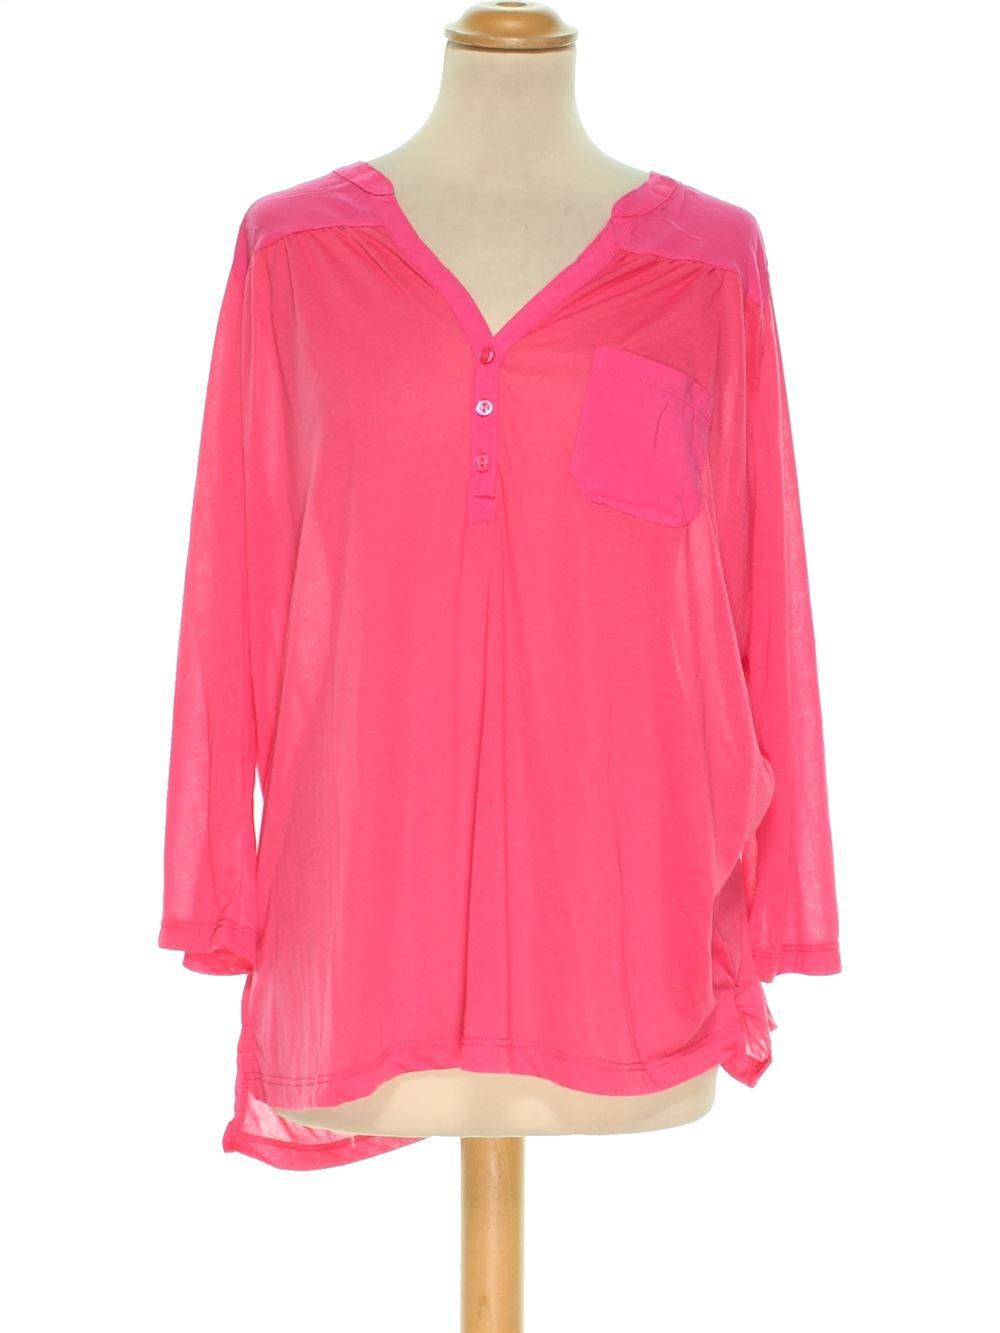 taille 40 39b95 753e0 Tunique Femme H&M L pas cher, 9.99 € - #1264870